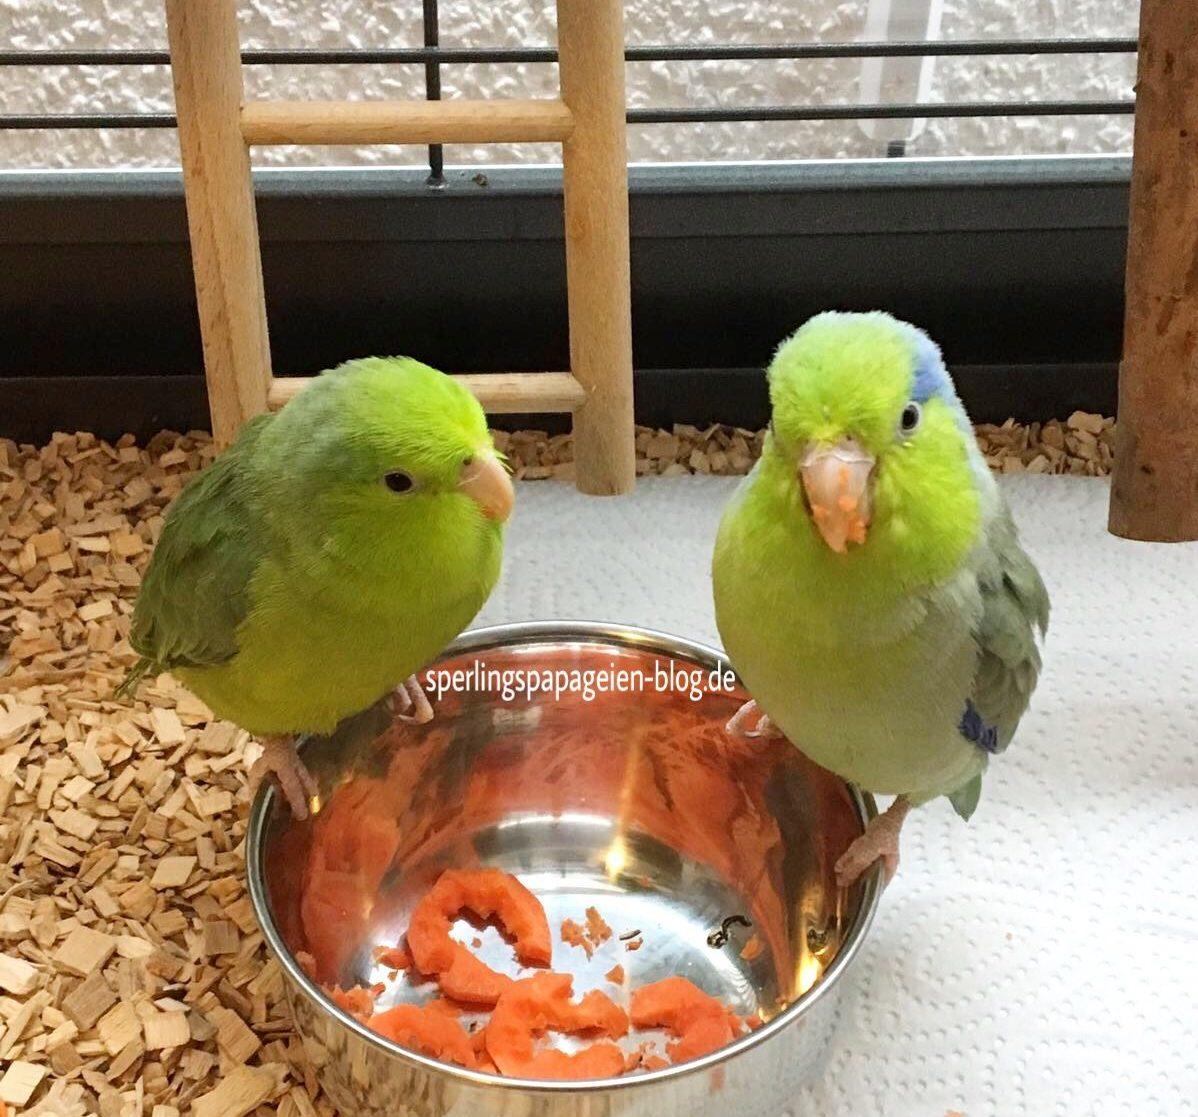 Sperlingspapageien, die Karotte fressen